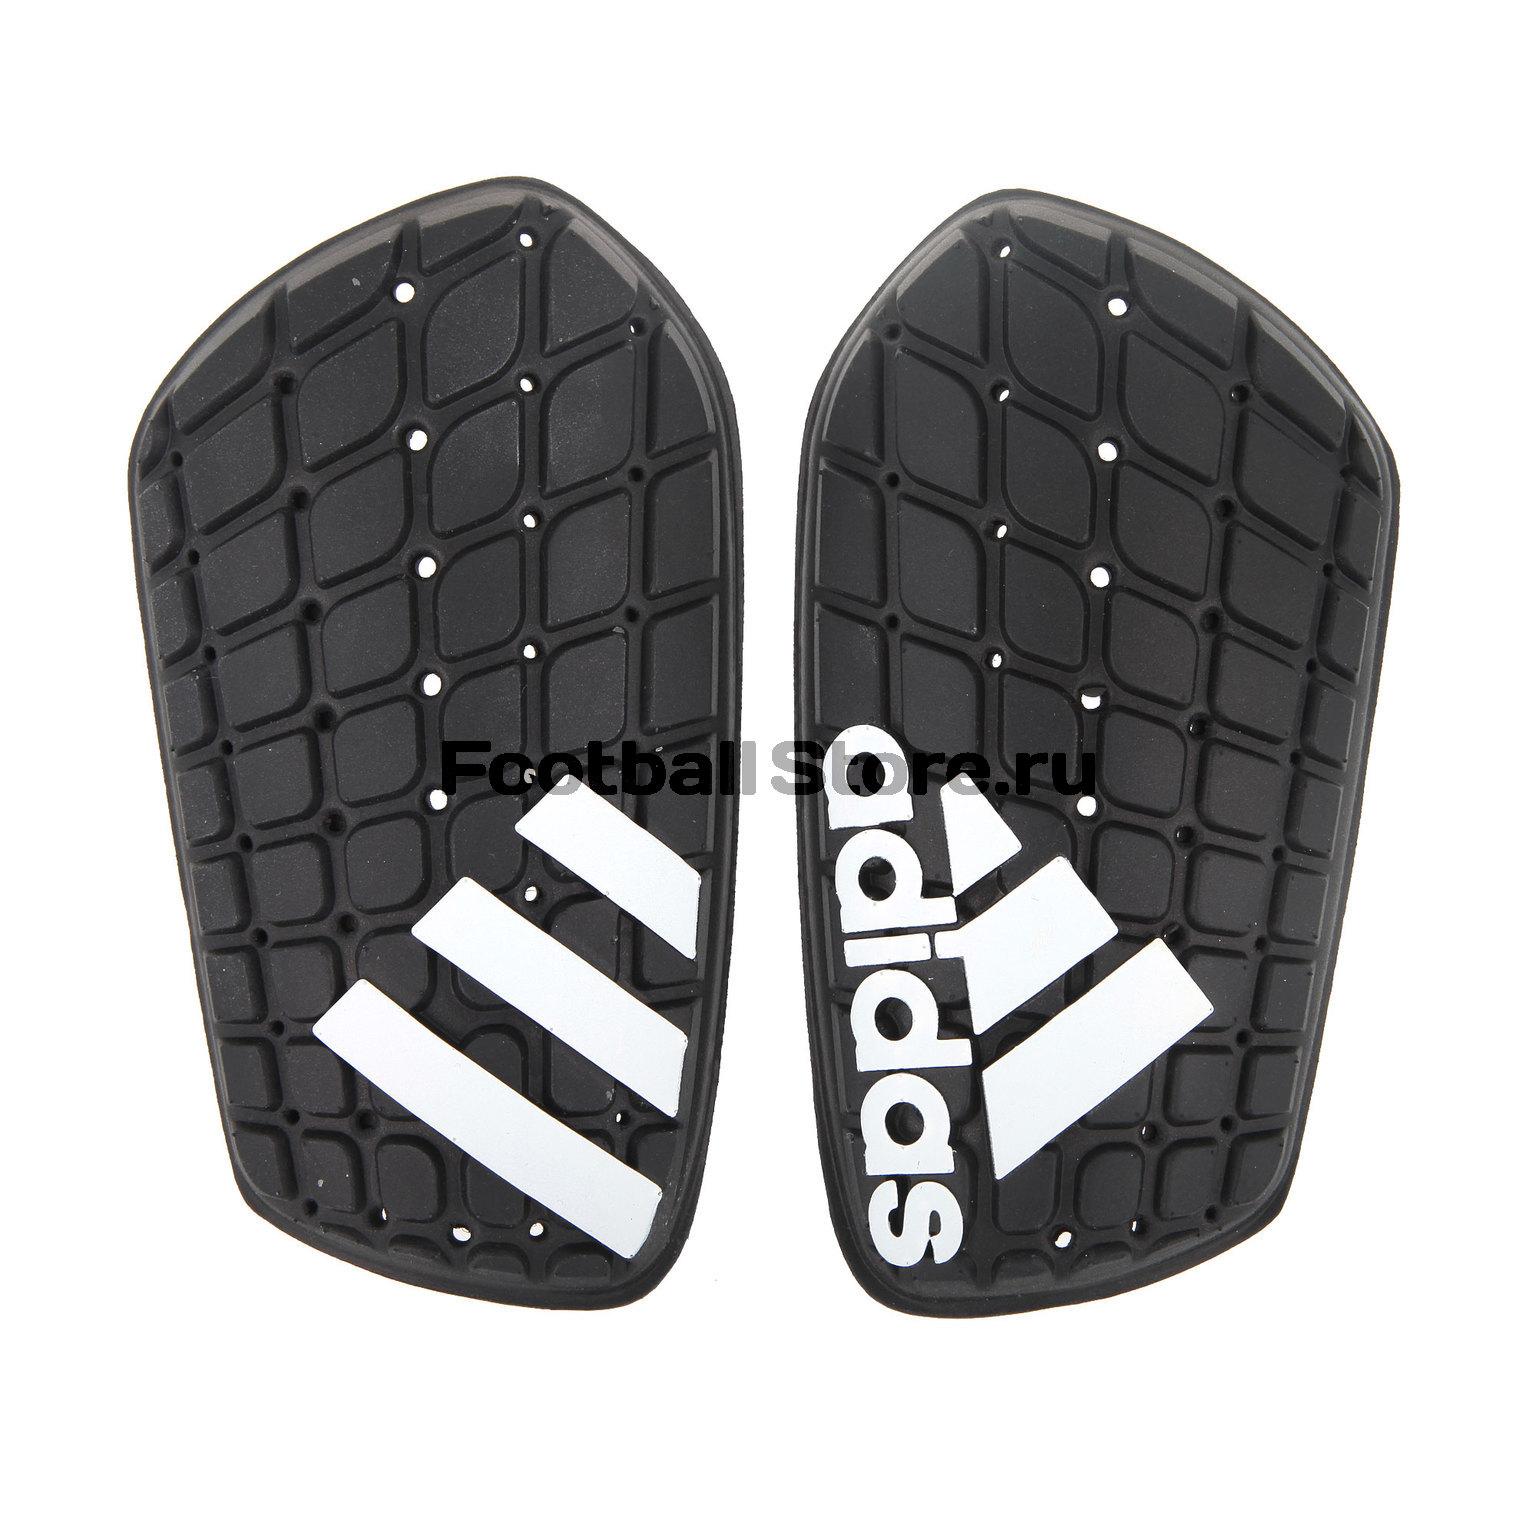 цены Щитки Adidas Ghost CC AZ3708